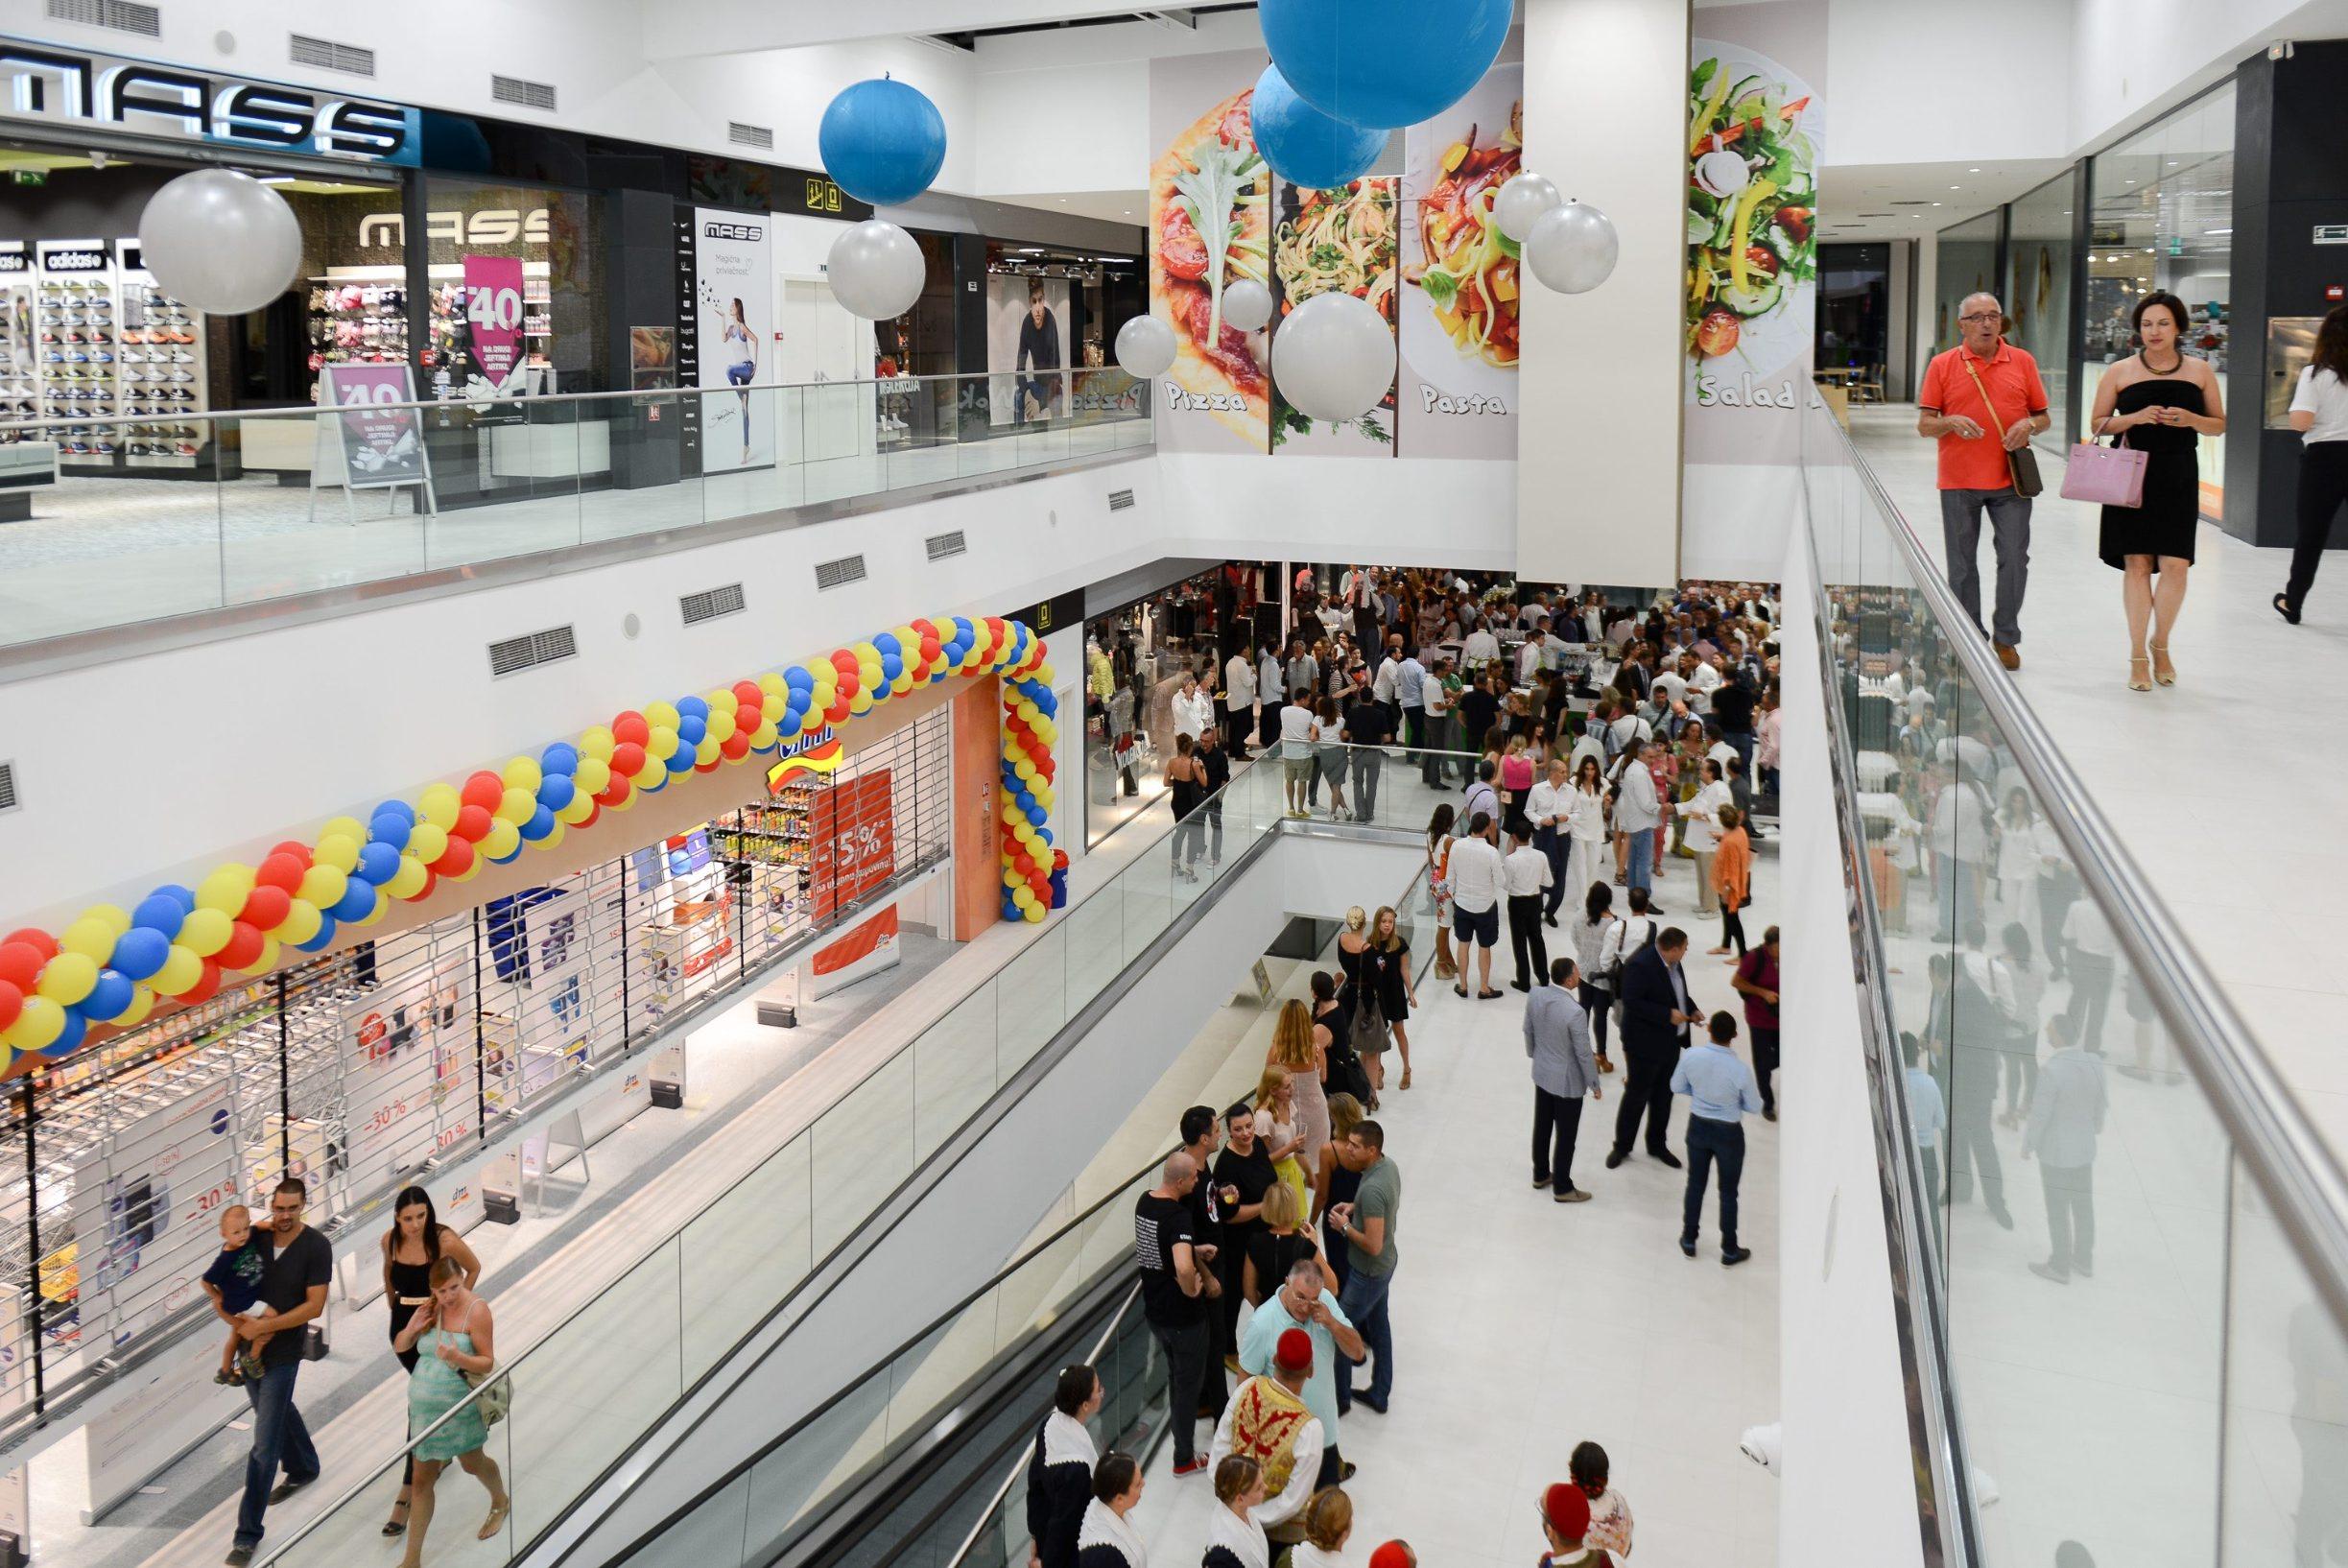 Shopping centar, ilustracija